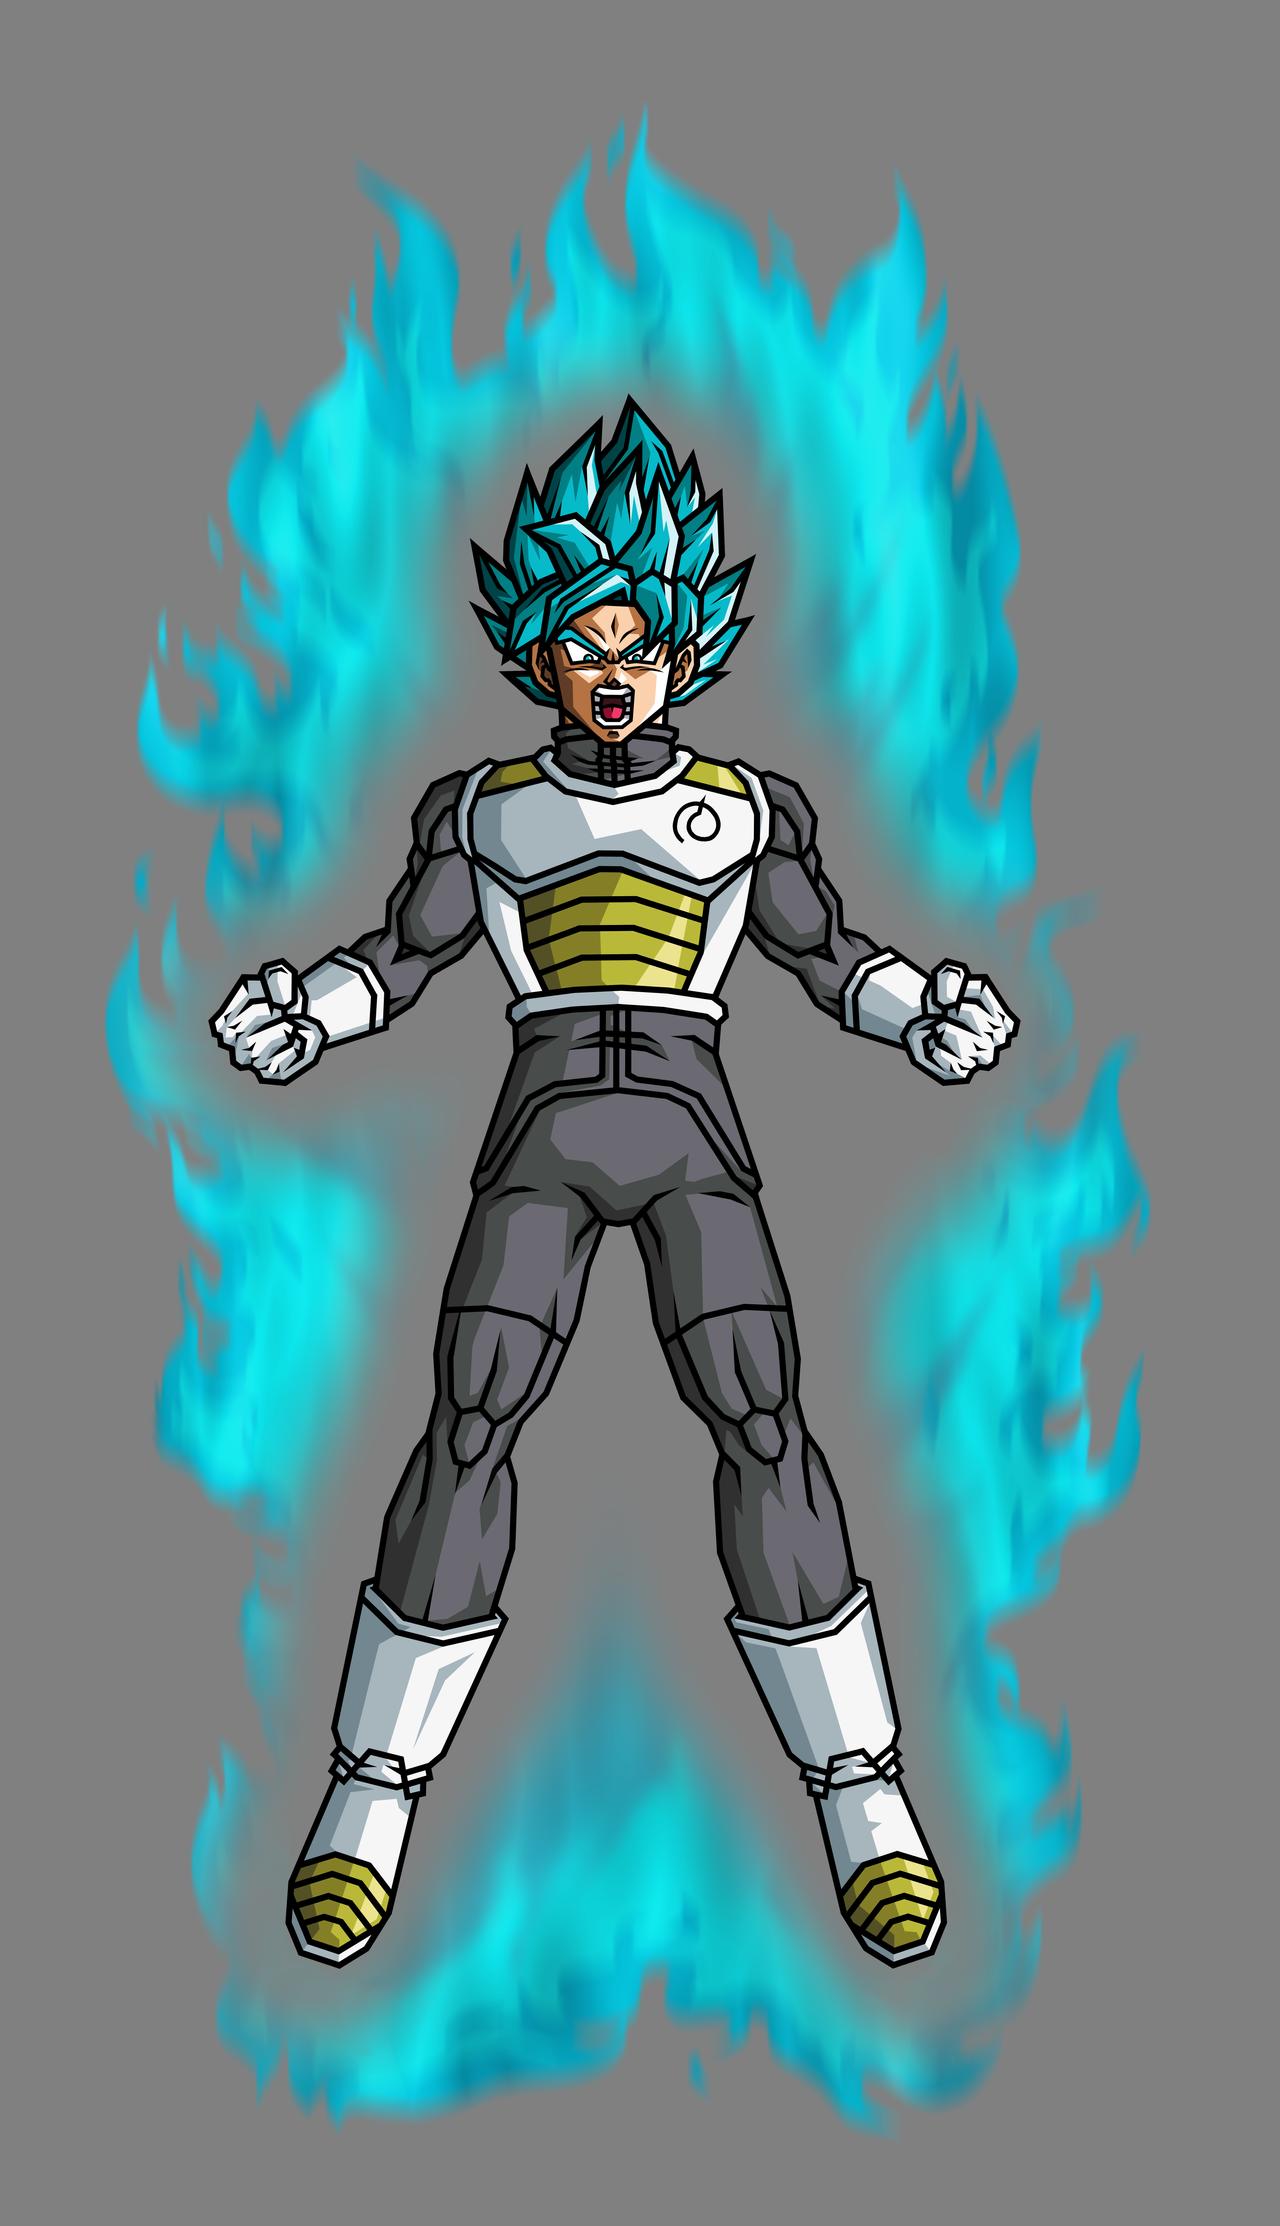 goku super saiyan god super saiyan by hsvhrt on deviantart